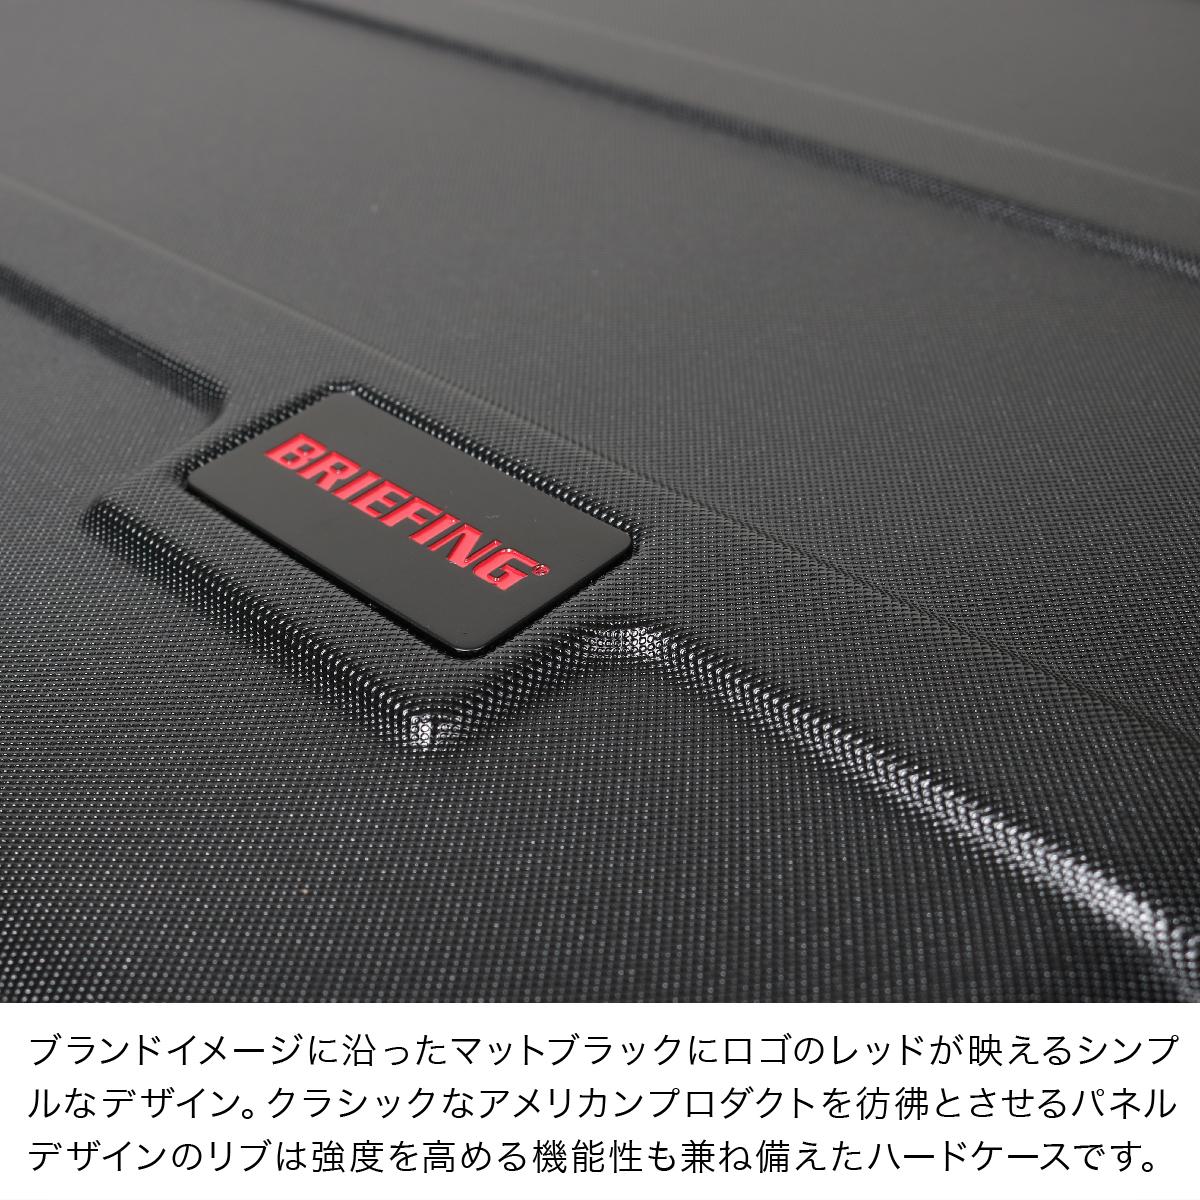 ブリーフィング スーツケース|100L 69cm 5.8kg BRF305219 H-100|ハード フレーム 静音|TSAロック搭載 おしゃれ [bef][PO10][即日発送]